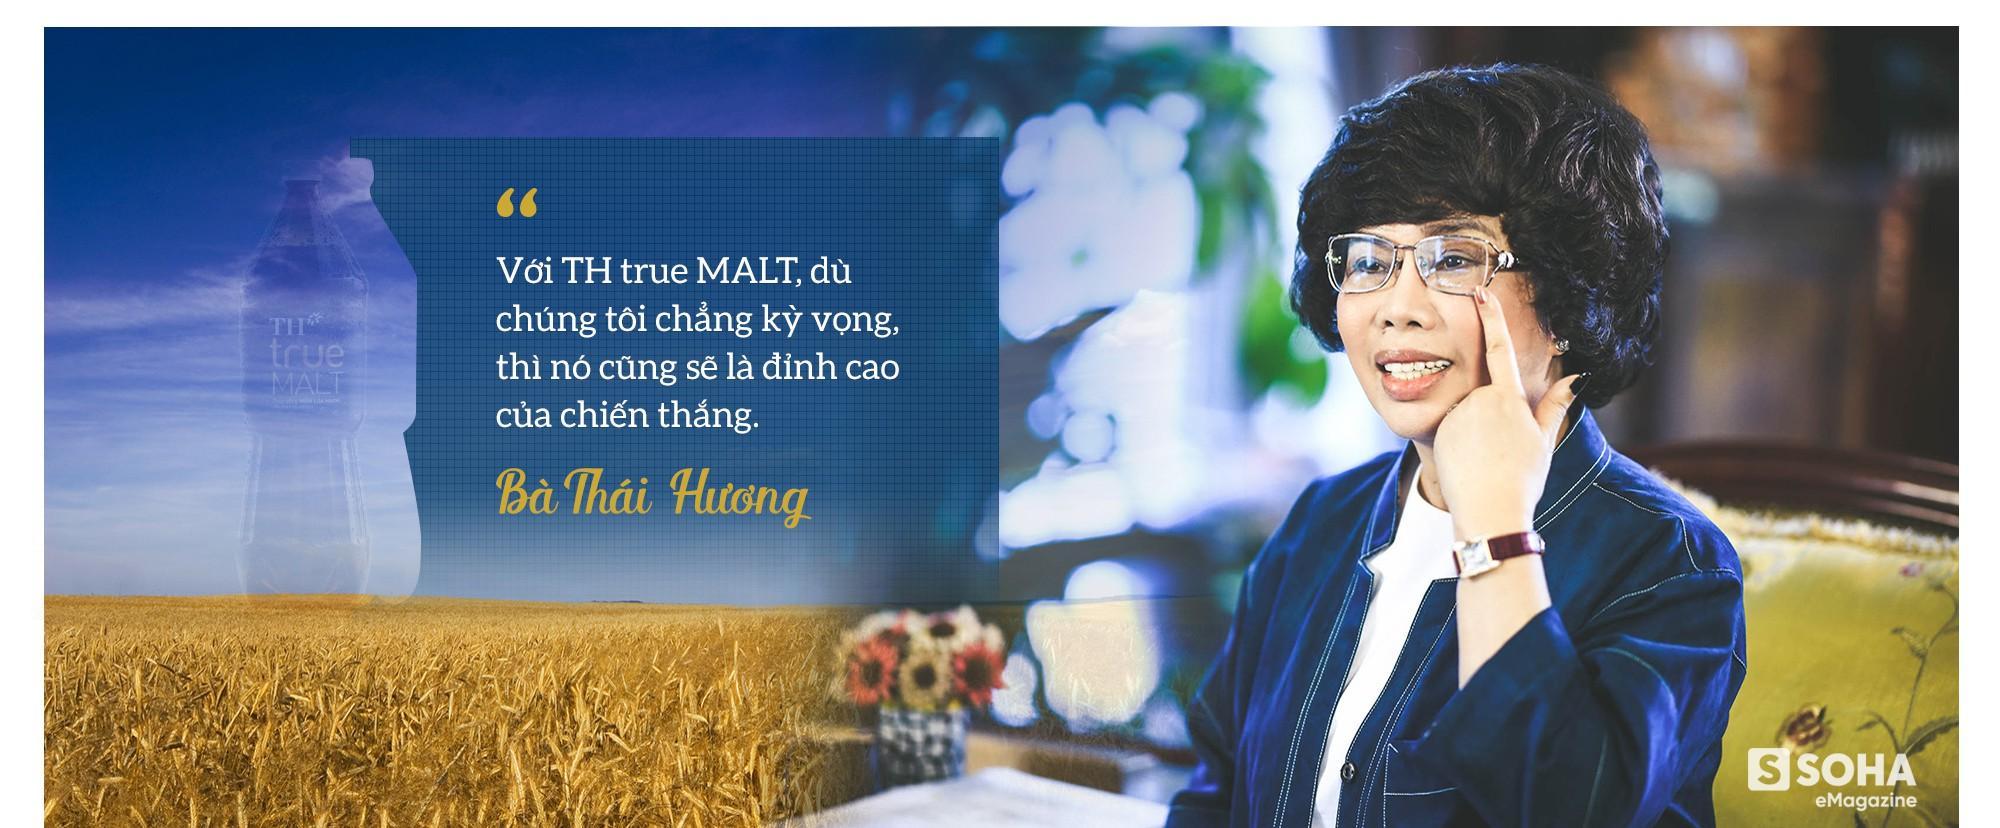 Chọn lọc tinh hóa từ thức uống châu Âu, người đàn bà sữa tươi mở con đường mới trong ngành đồ uống Việt - Ảnh 8.